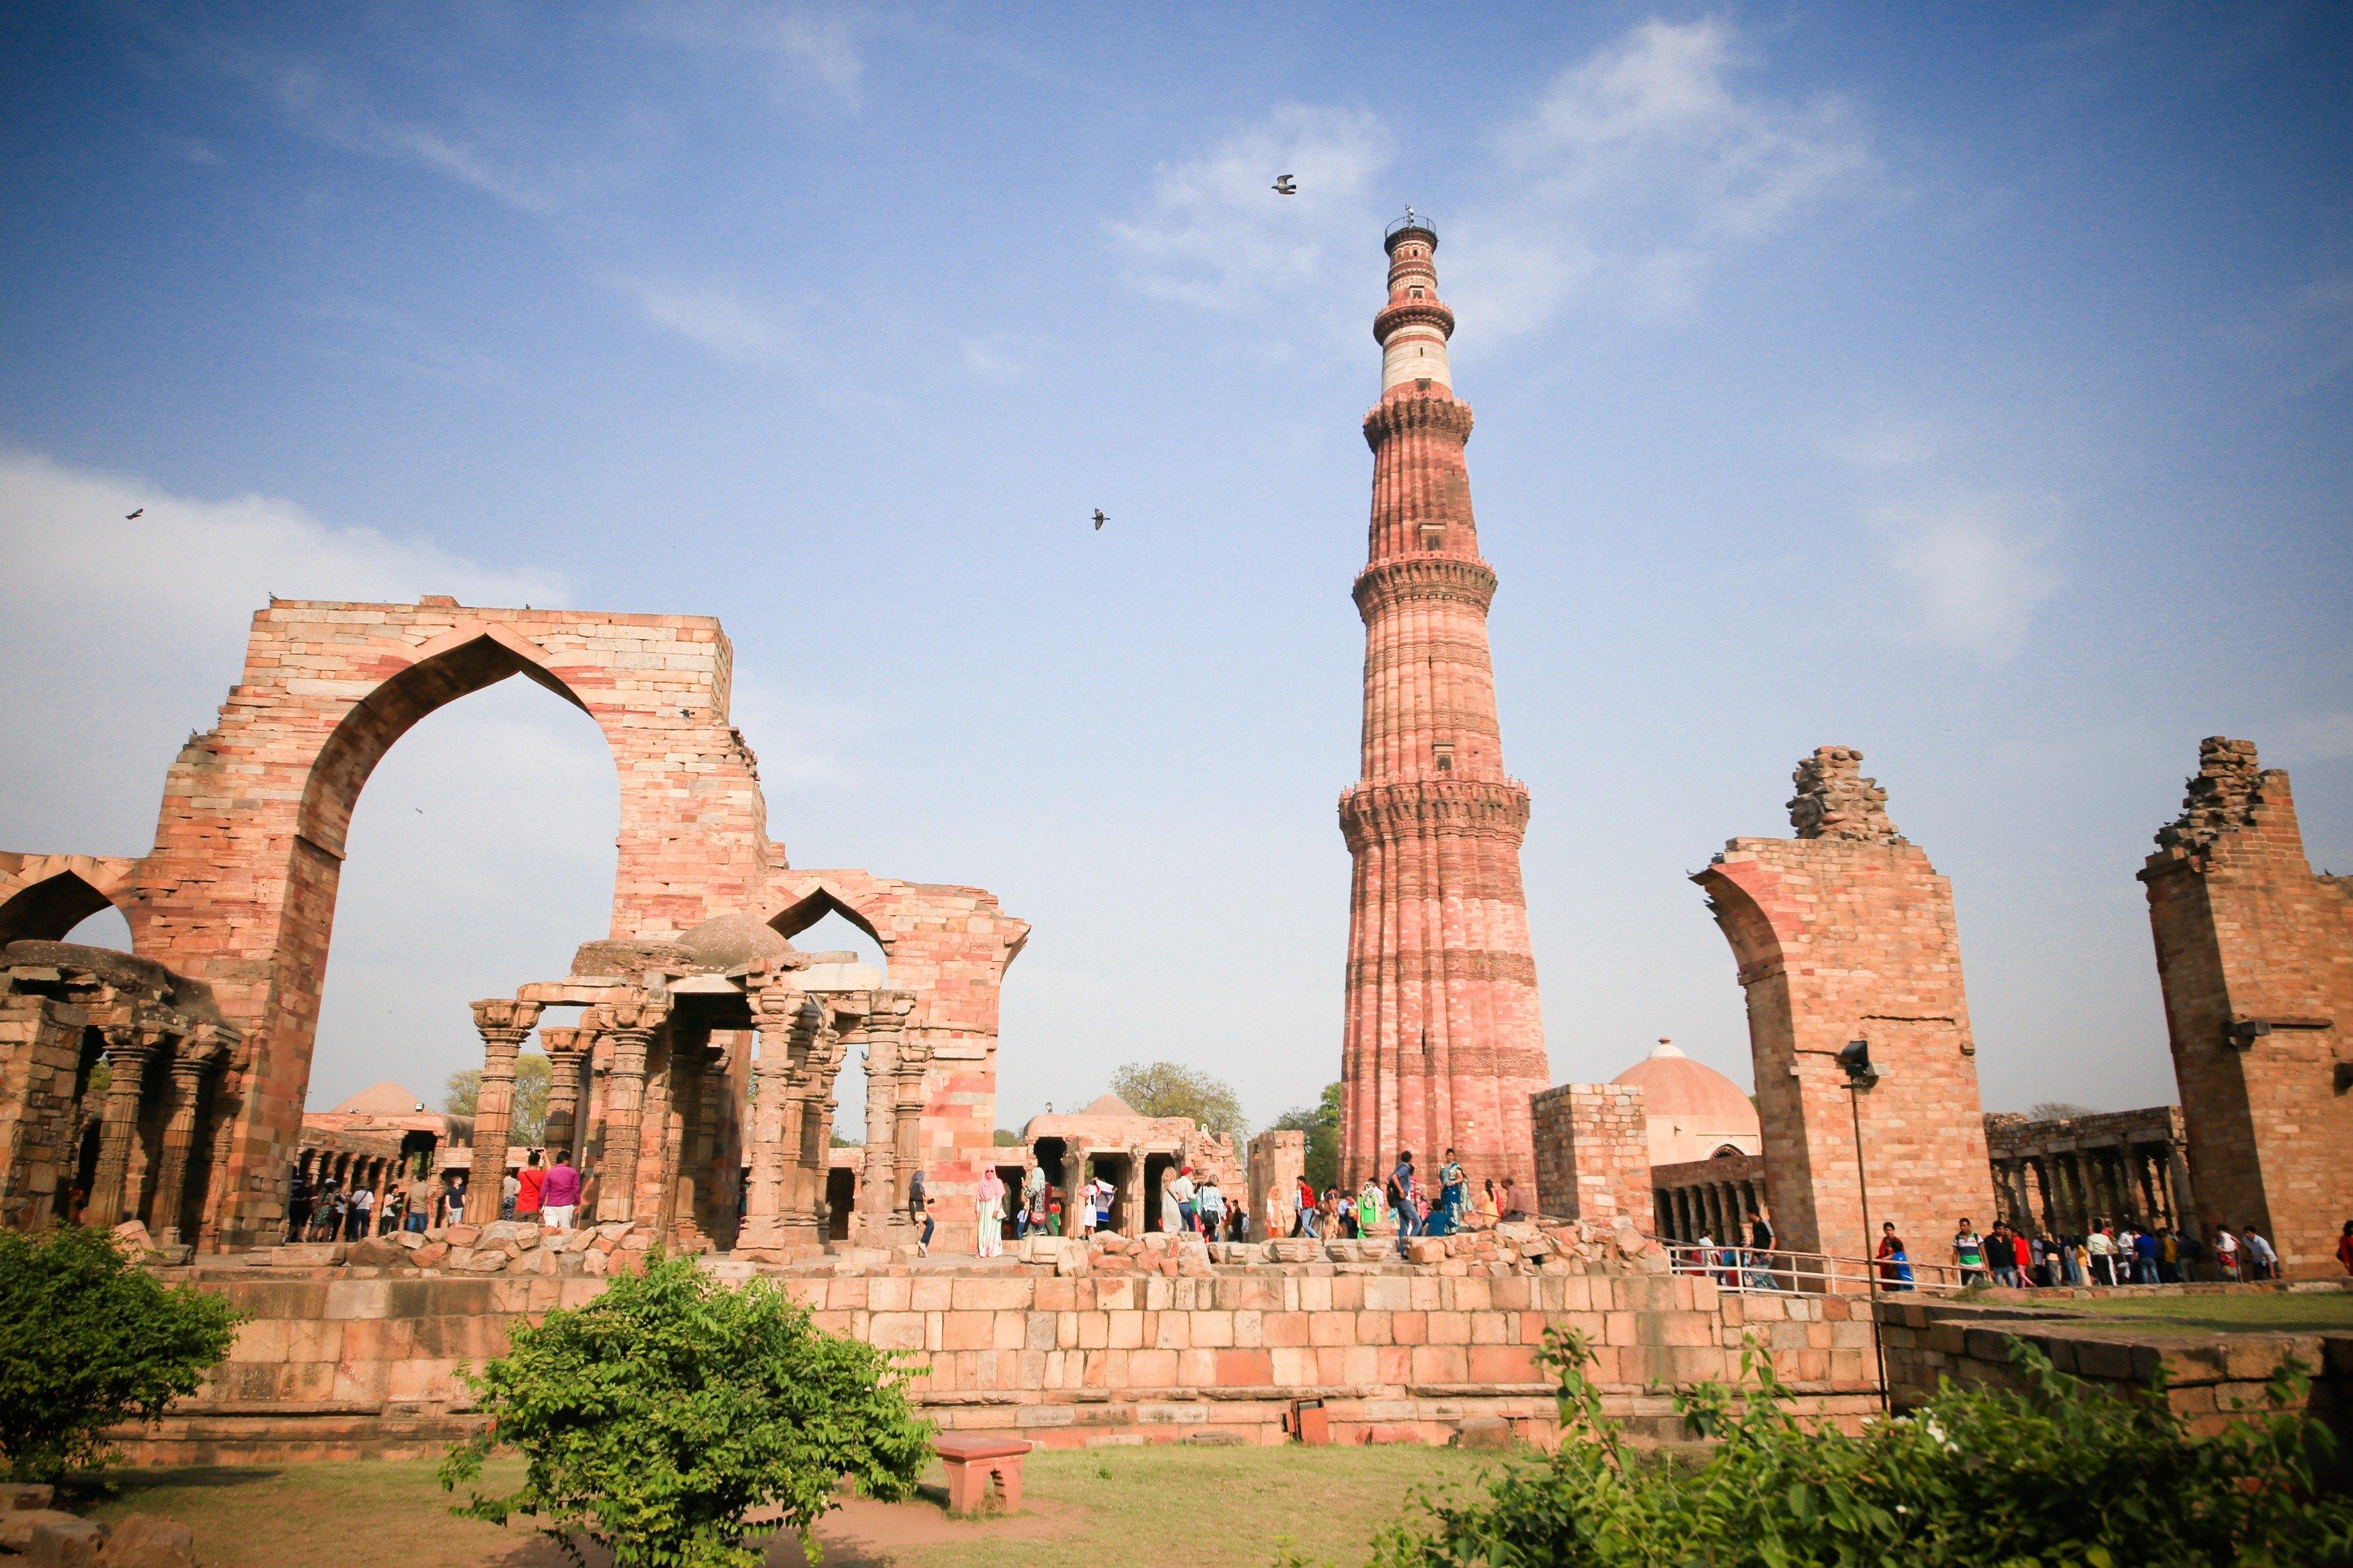 印度德里歷史名勝探訪一日遊(顧特卜塔+洛迪公園+馬雍陵)